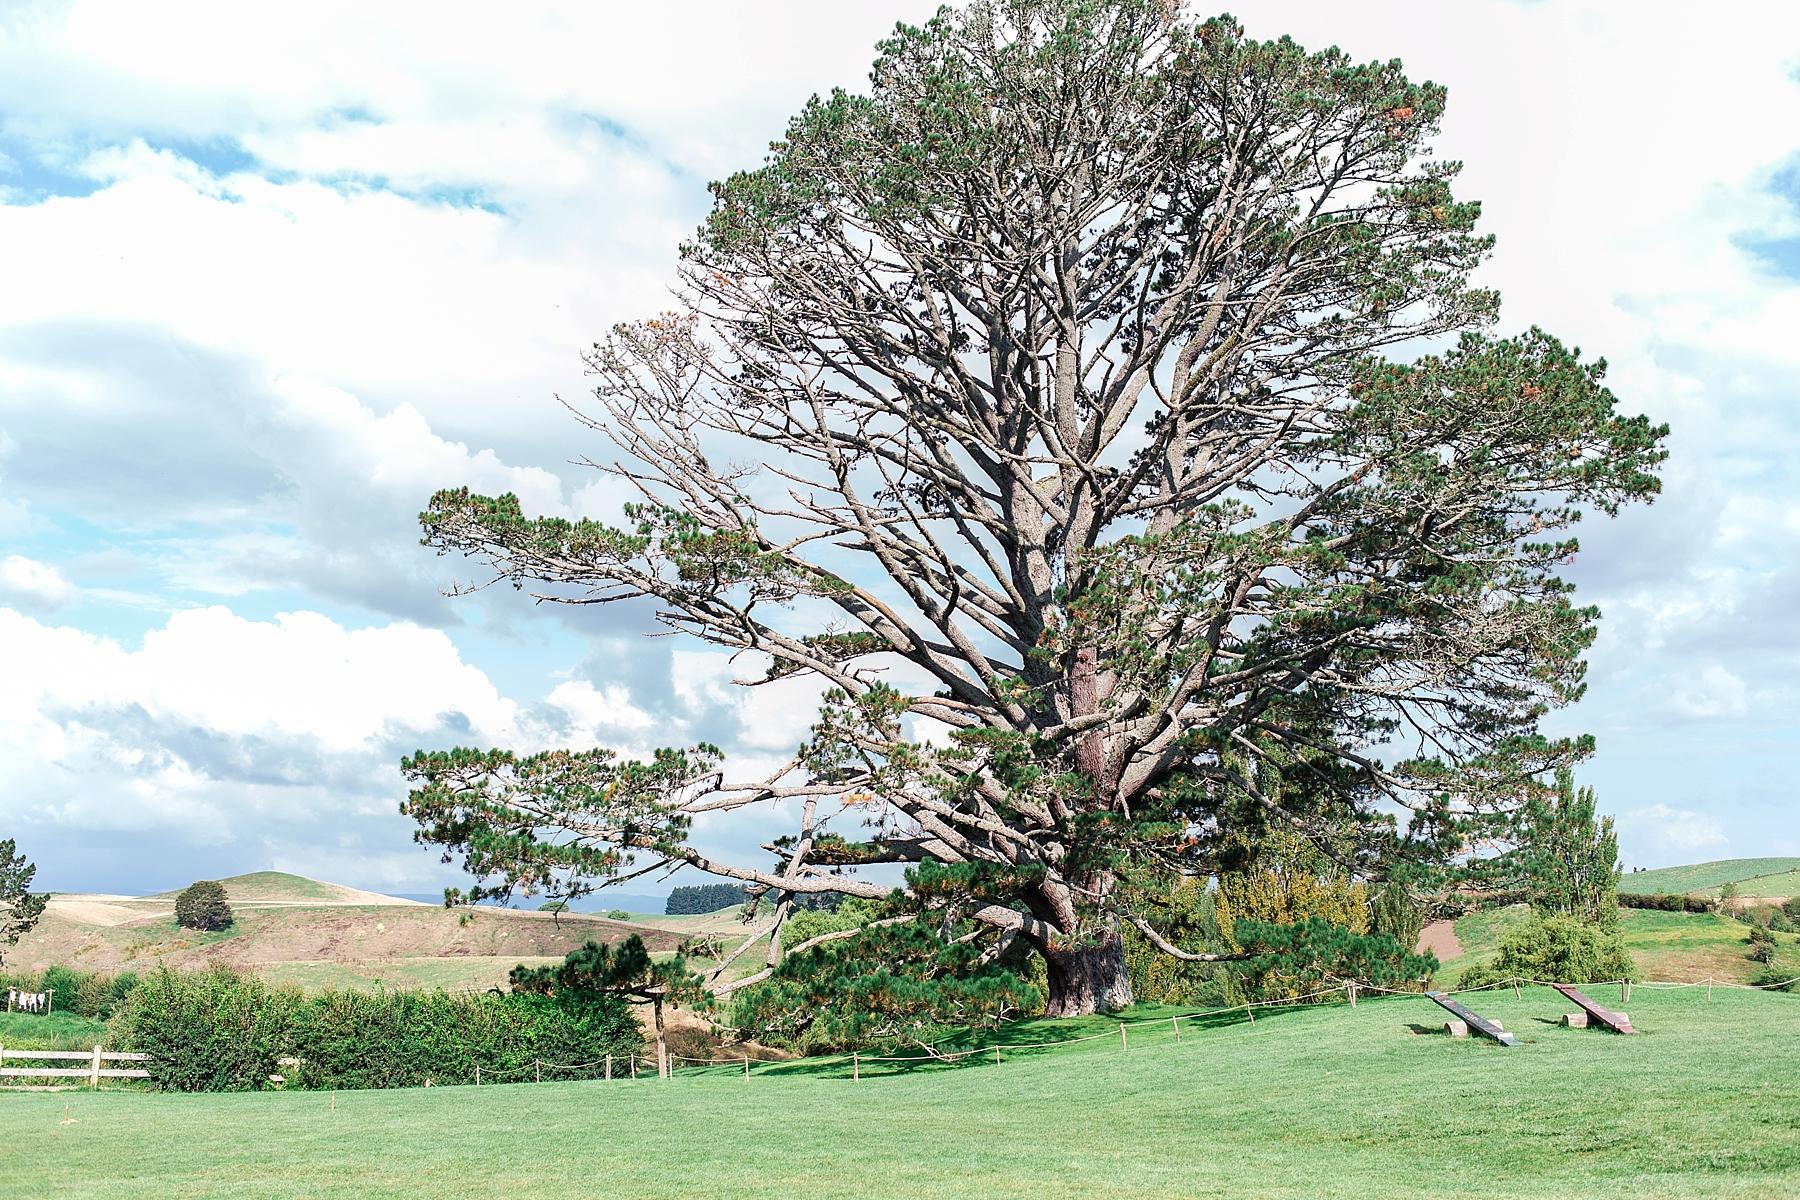 hobbiton-movie-set-matamata-hamilton-north-island-new-zealand-scenery_0257.jpg